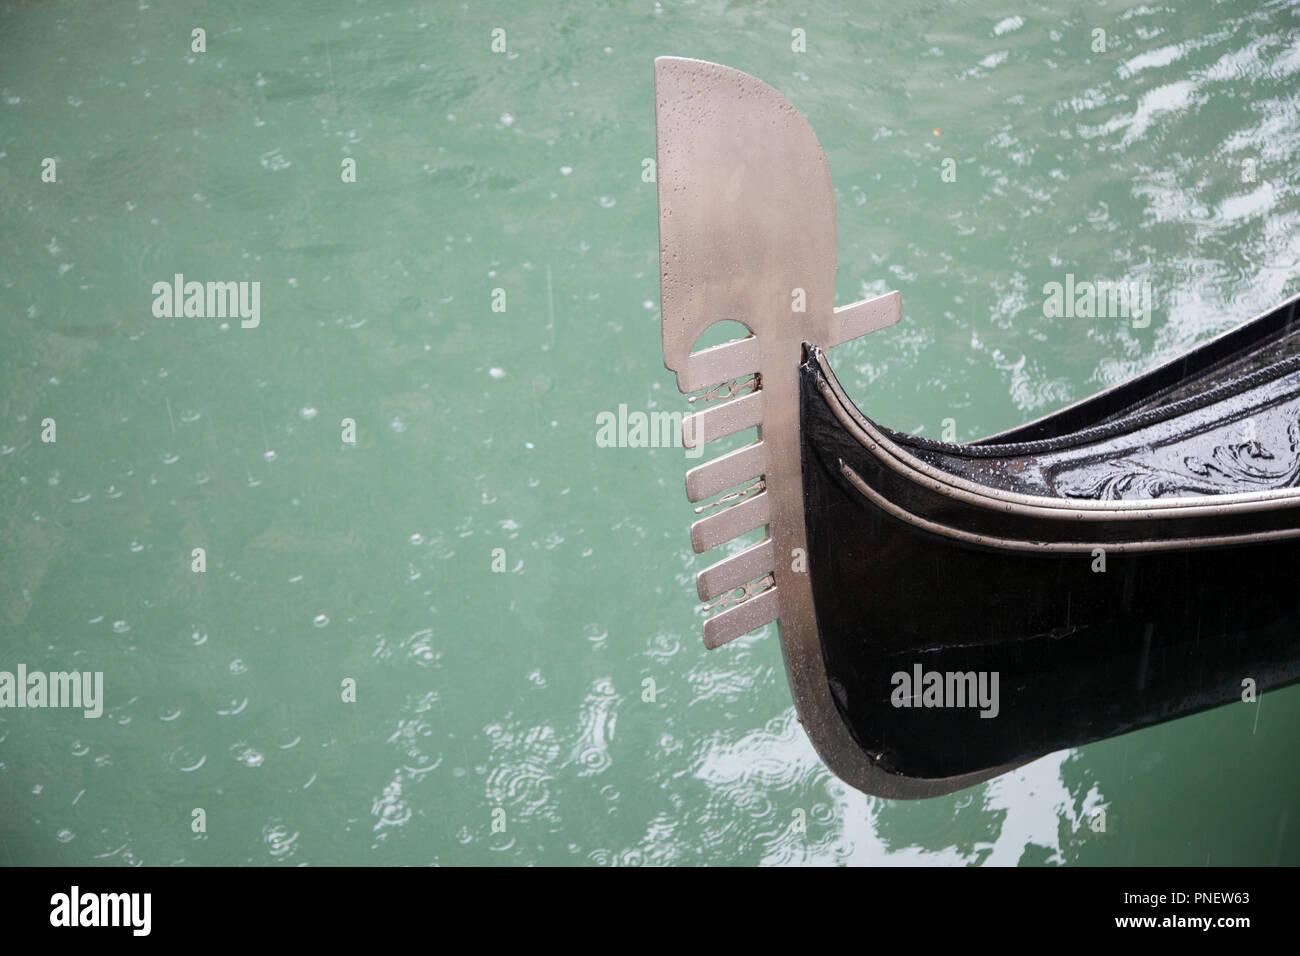 Ferro Da Gondola.Fero Da Prora Stock Photos Fero Da Prora Stock Images Alamy